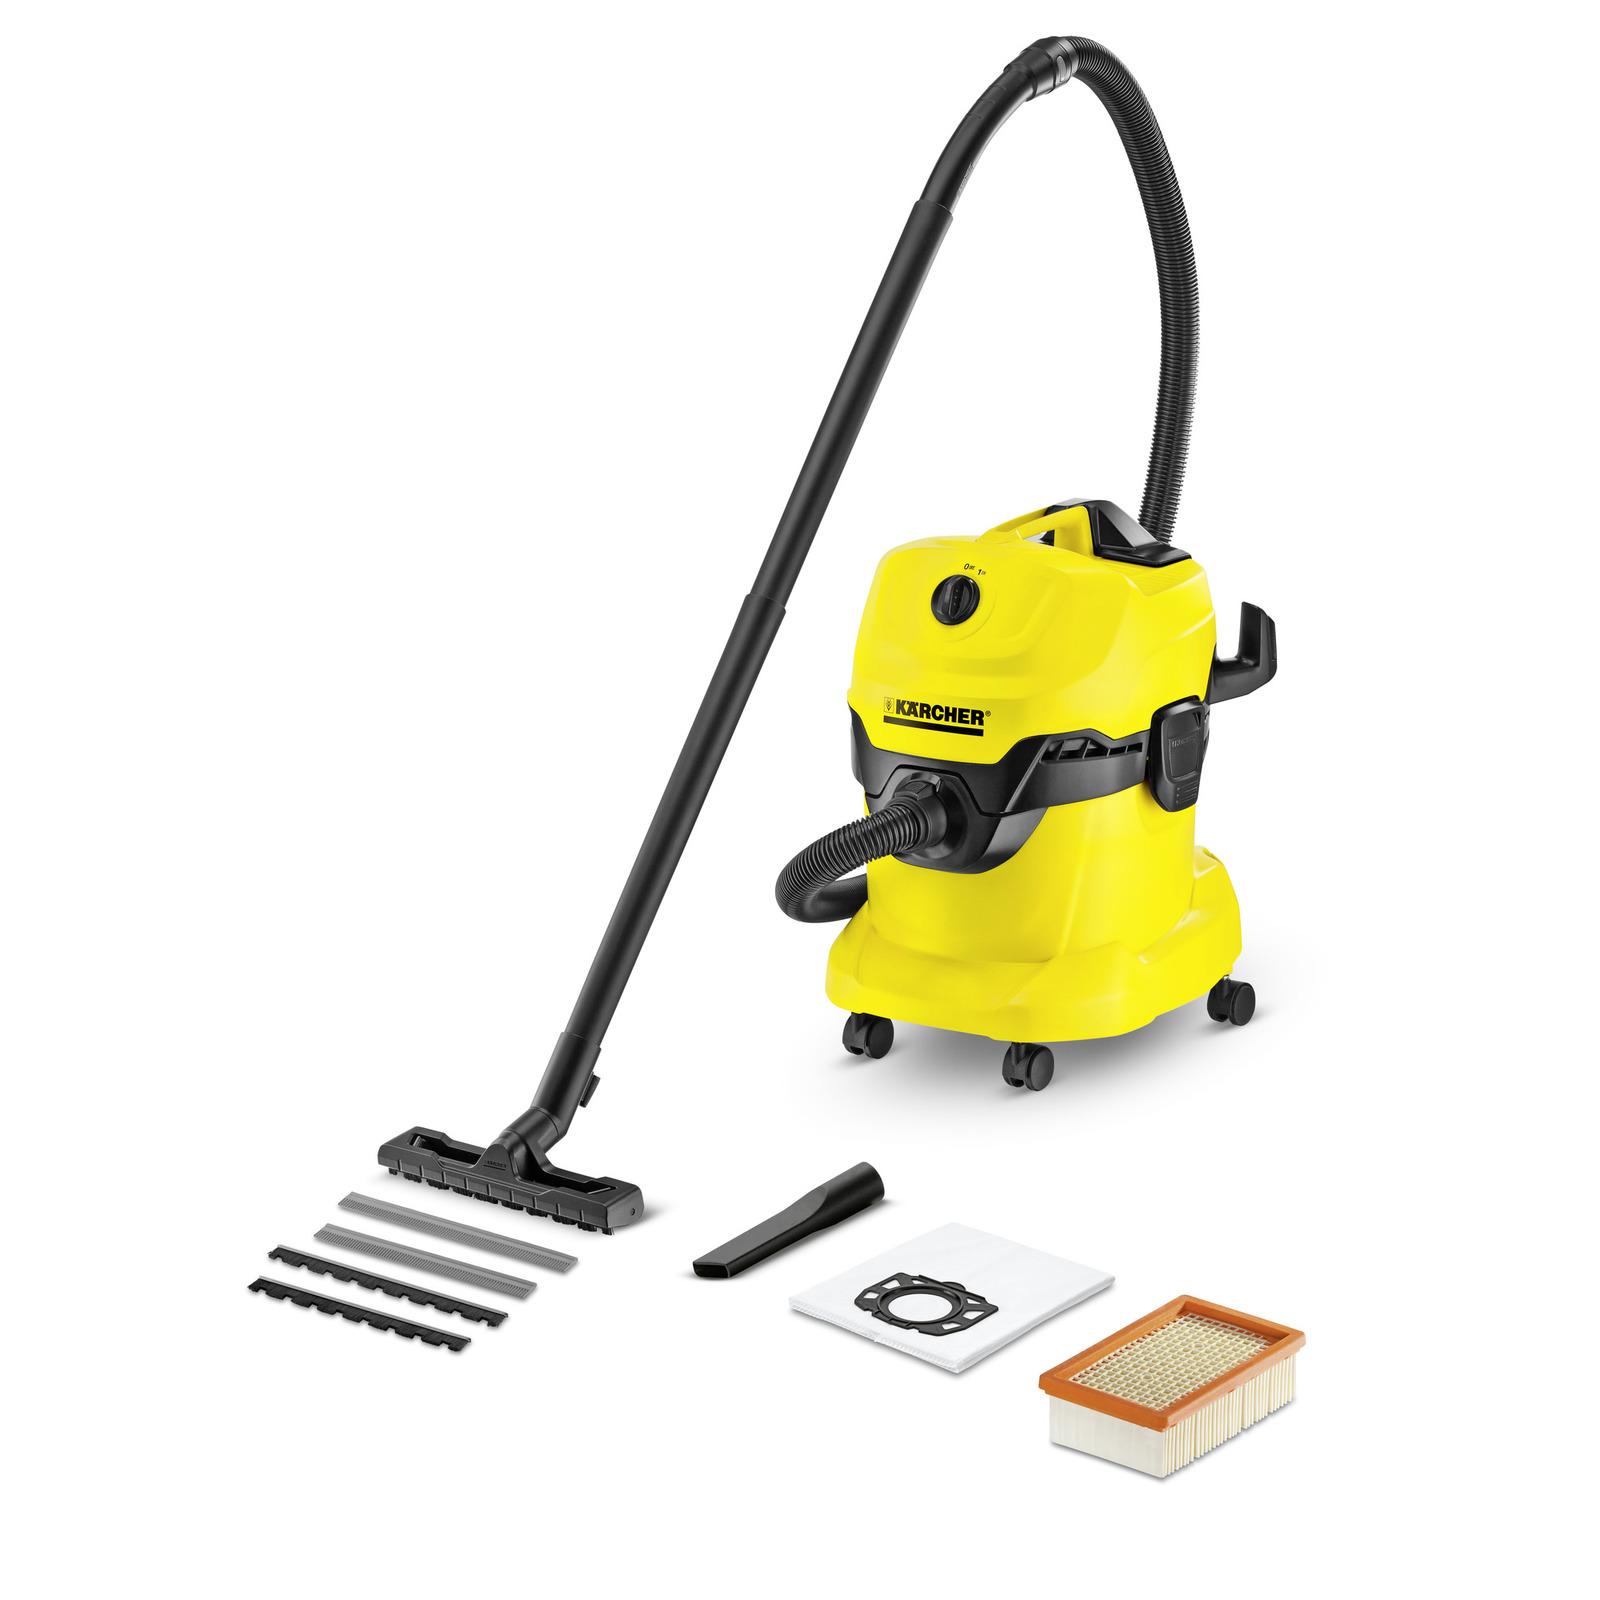 KARCHER 1.348-110.0 - WD4 Multi-Purpose Vacuum Cleaner